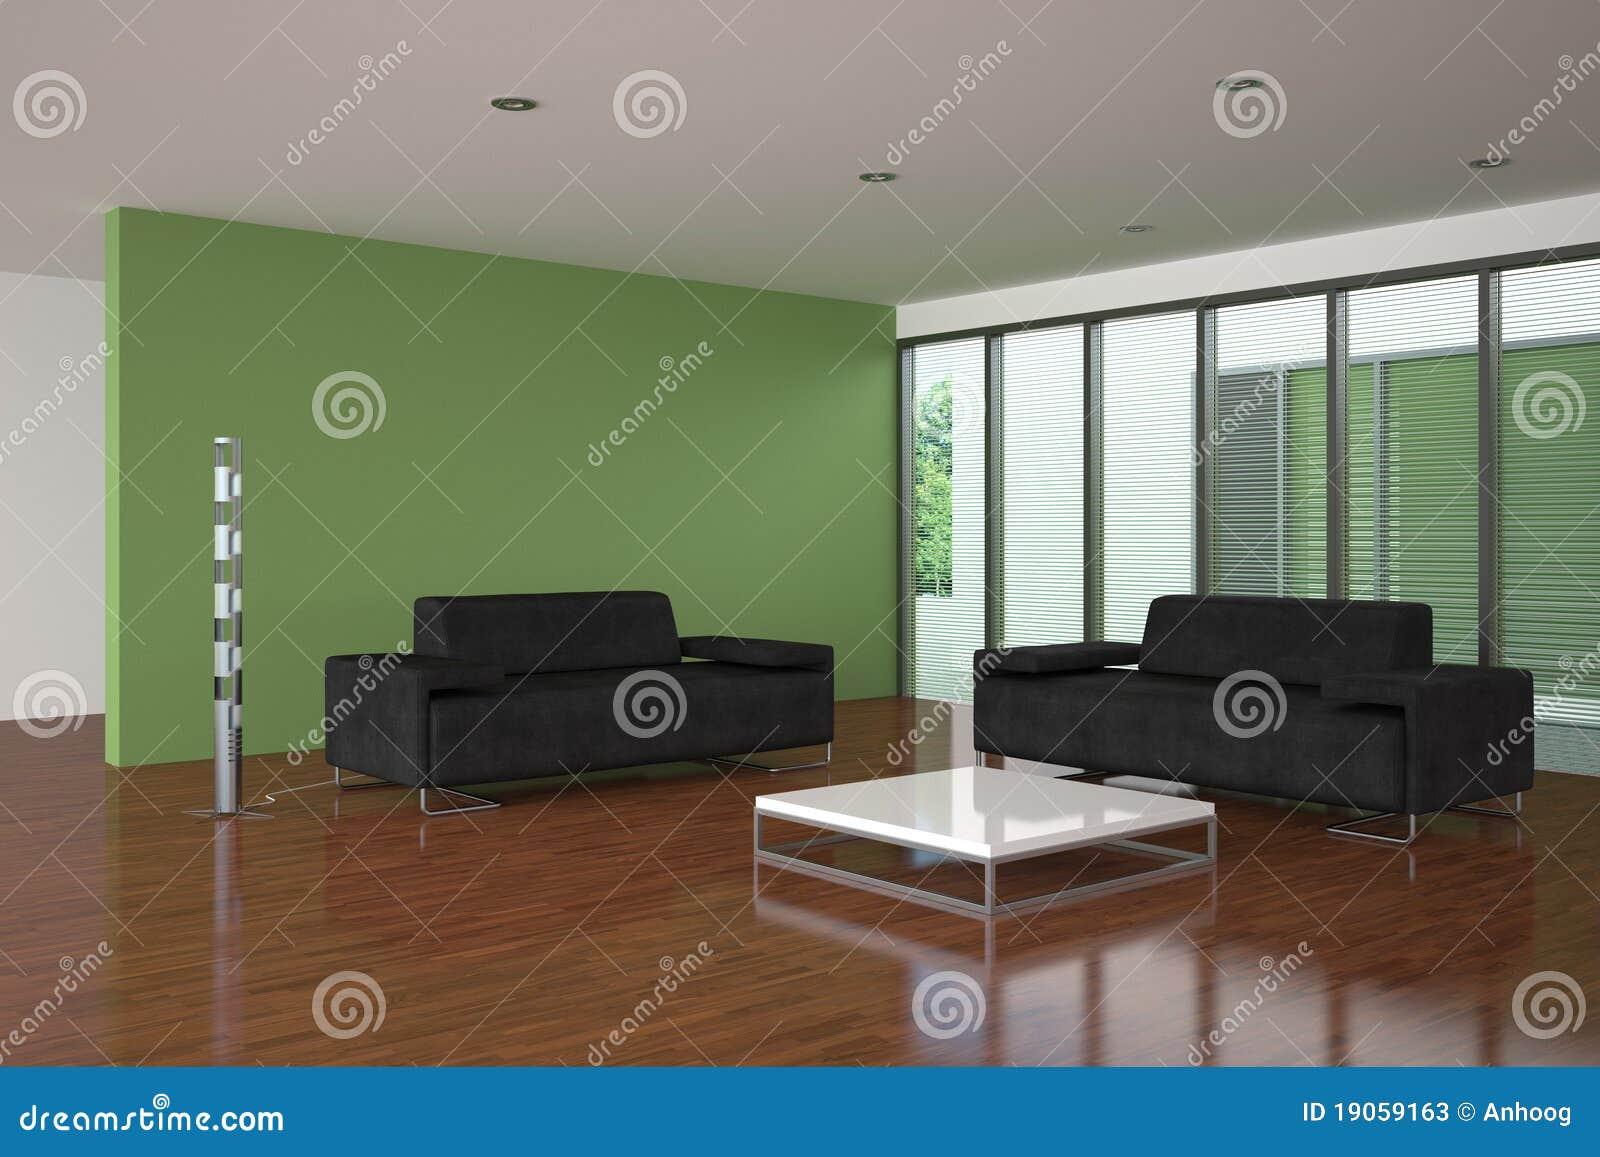 Woonkamer Groene Muur : Moderne woonkamer met groene muur stock foto s ...